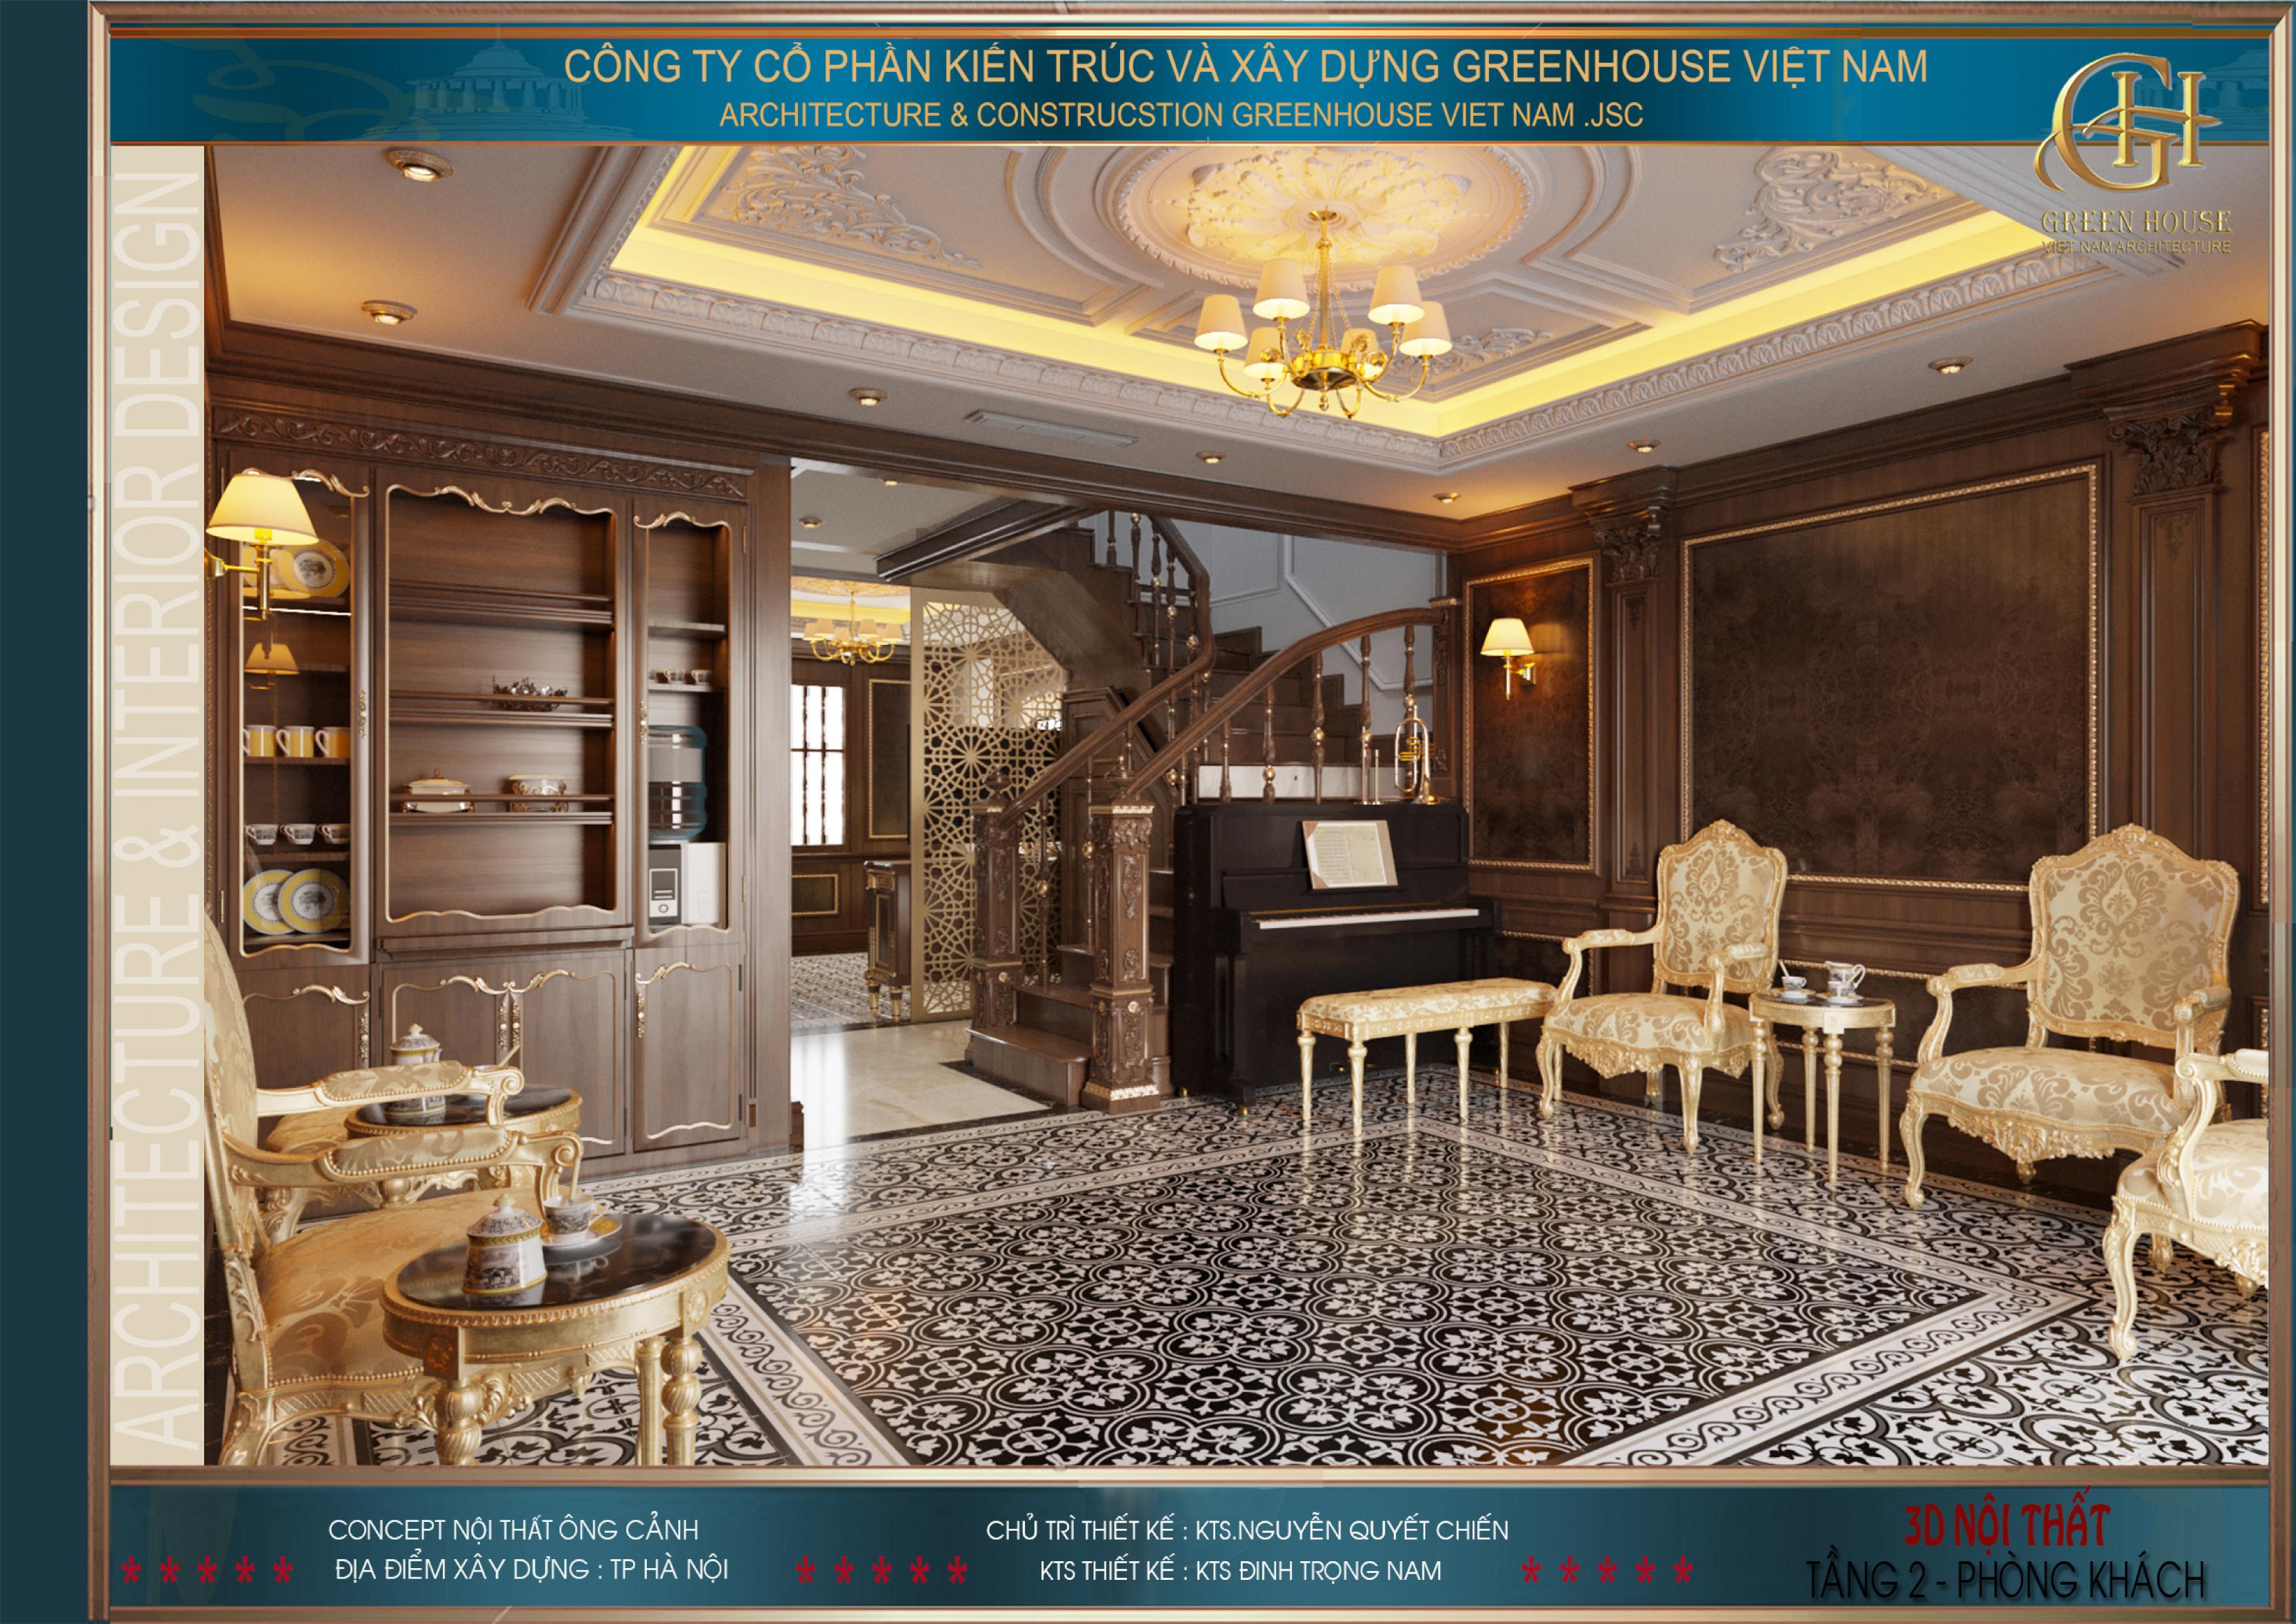 Những gam màu trên đồ nội thất được lựa chọn và phối hợp hài hòa, đầy chất nghệ thuật